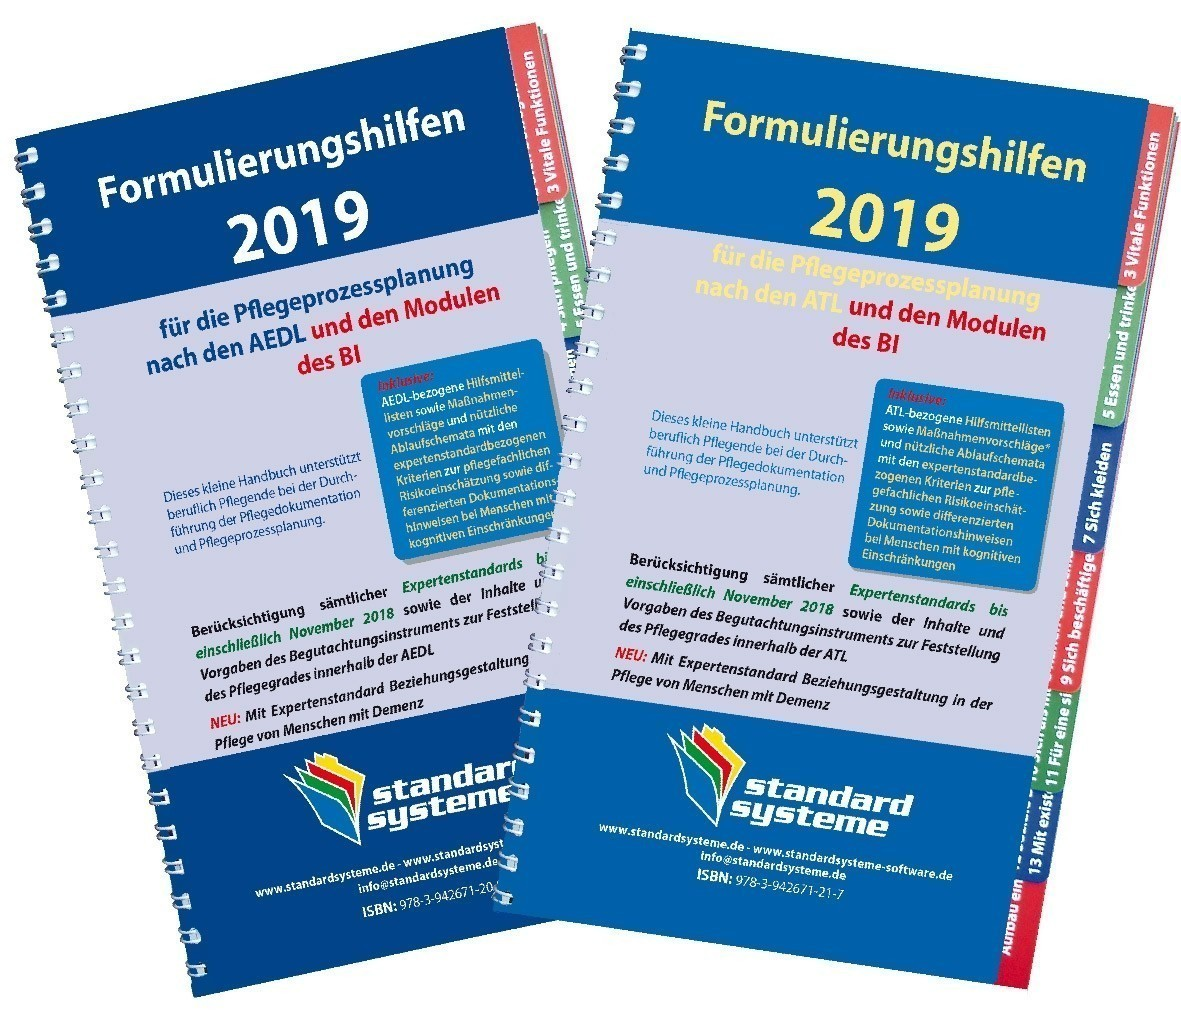 Formulierungshilfen 2019